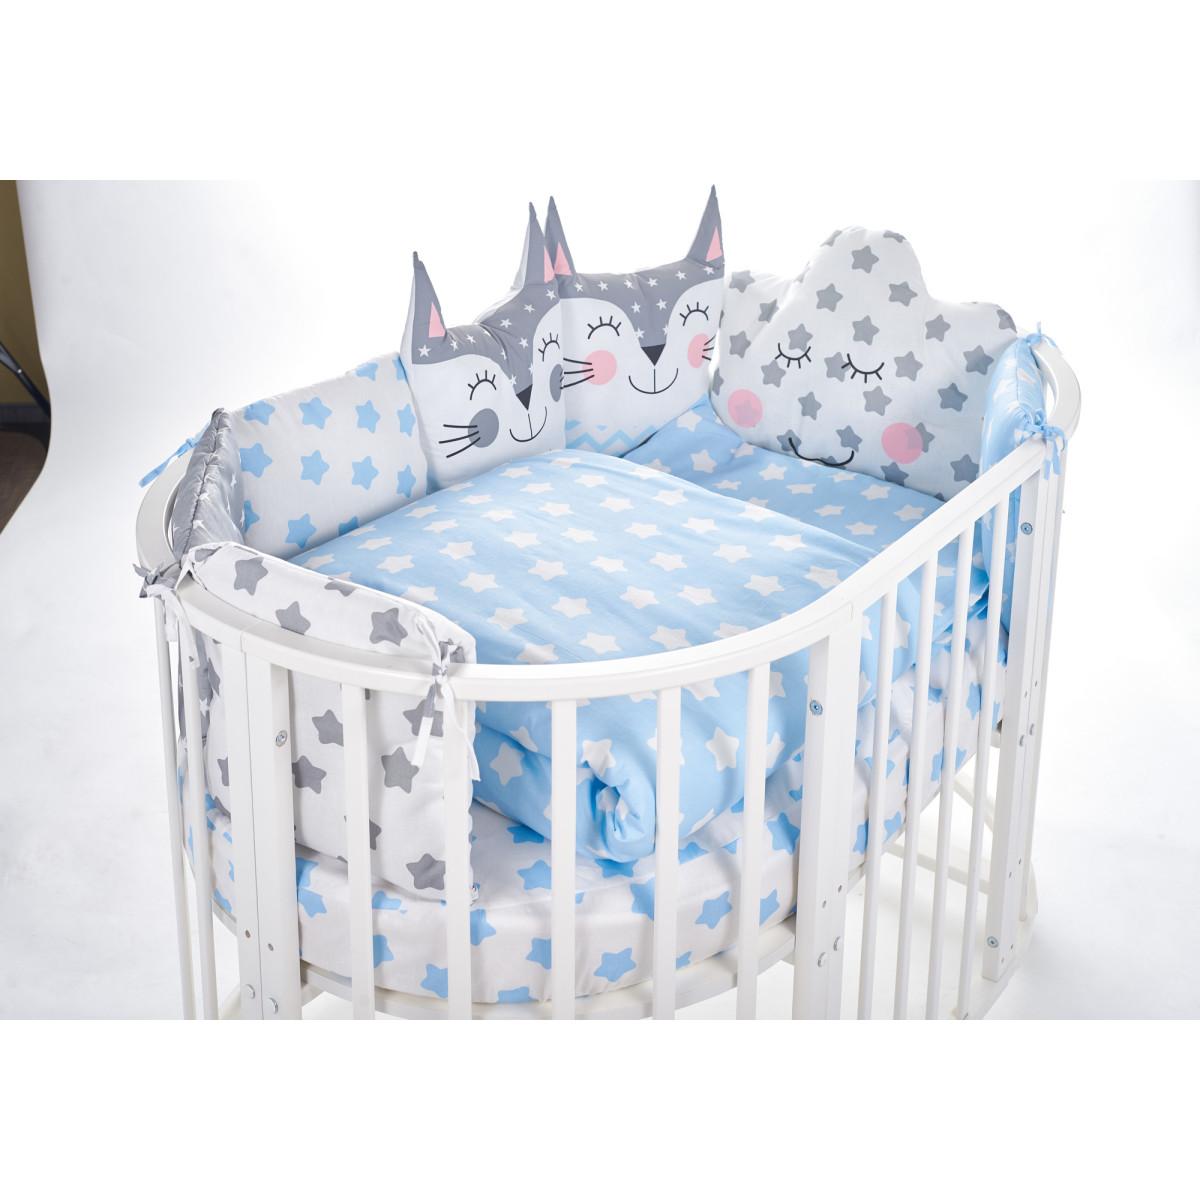 Комплект Постельного Белья Sweet Baby Gioia В Кроватку Поплин 5 Предметов